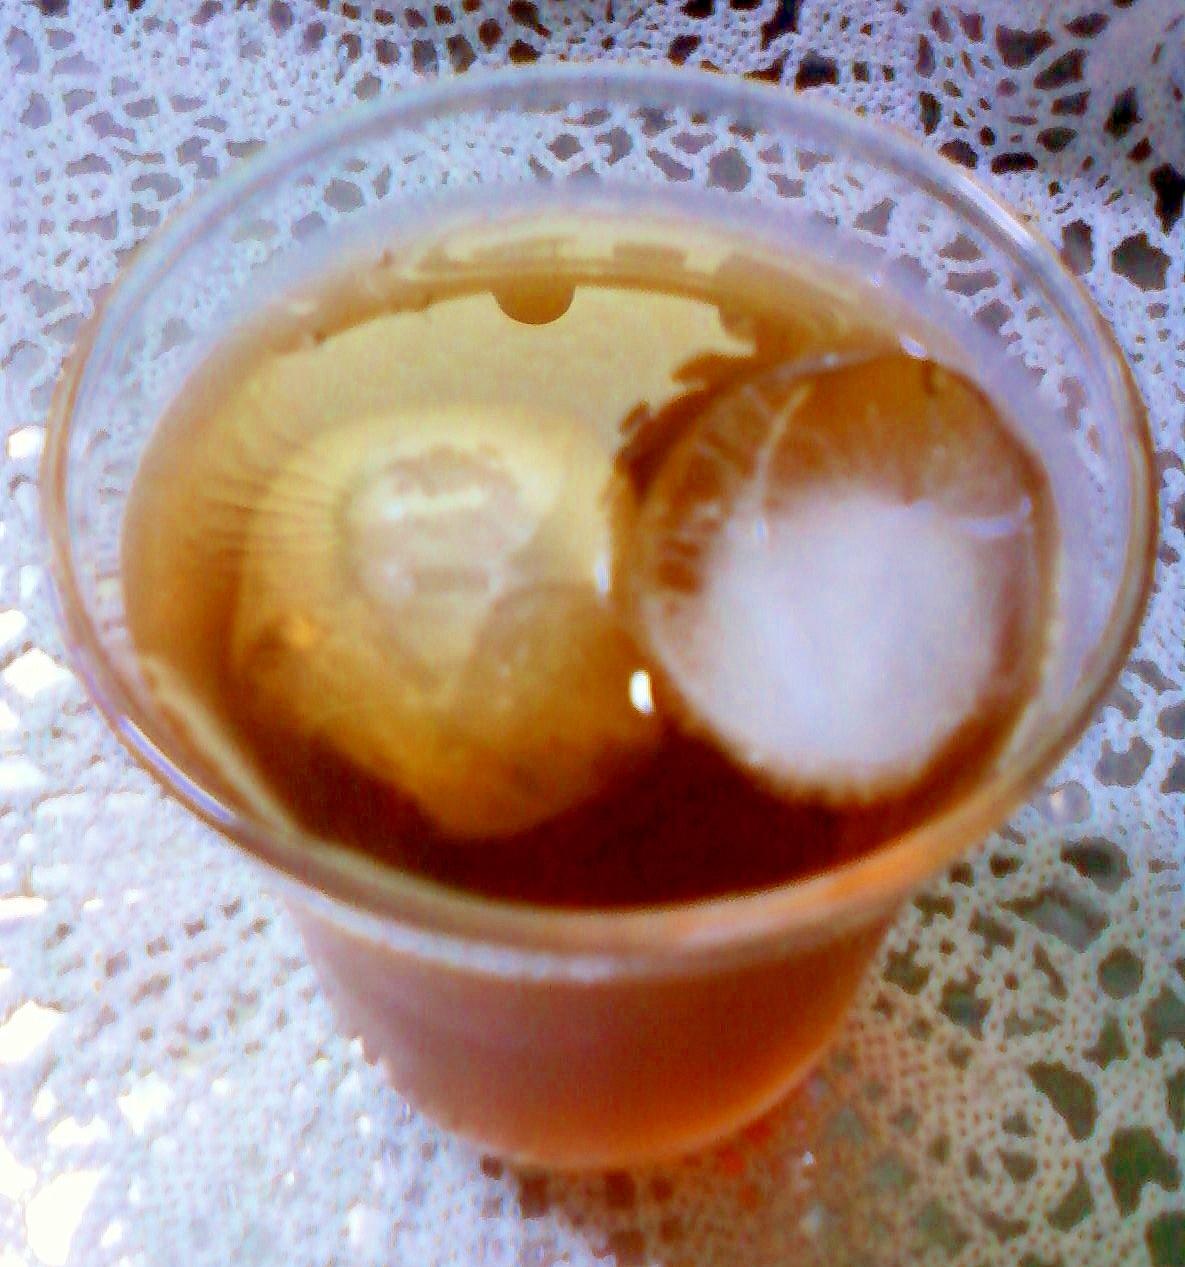 ☆。.:*:★ブランデー入り麦茶紅茶☆。.:*:★